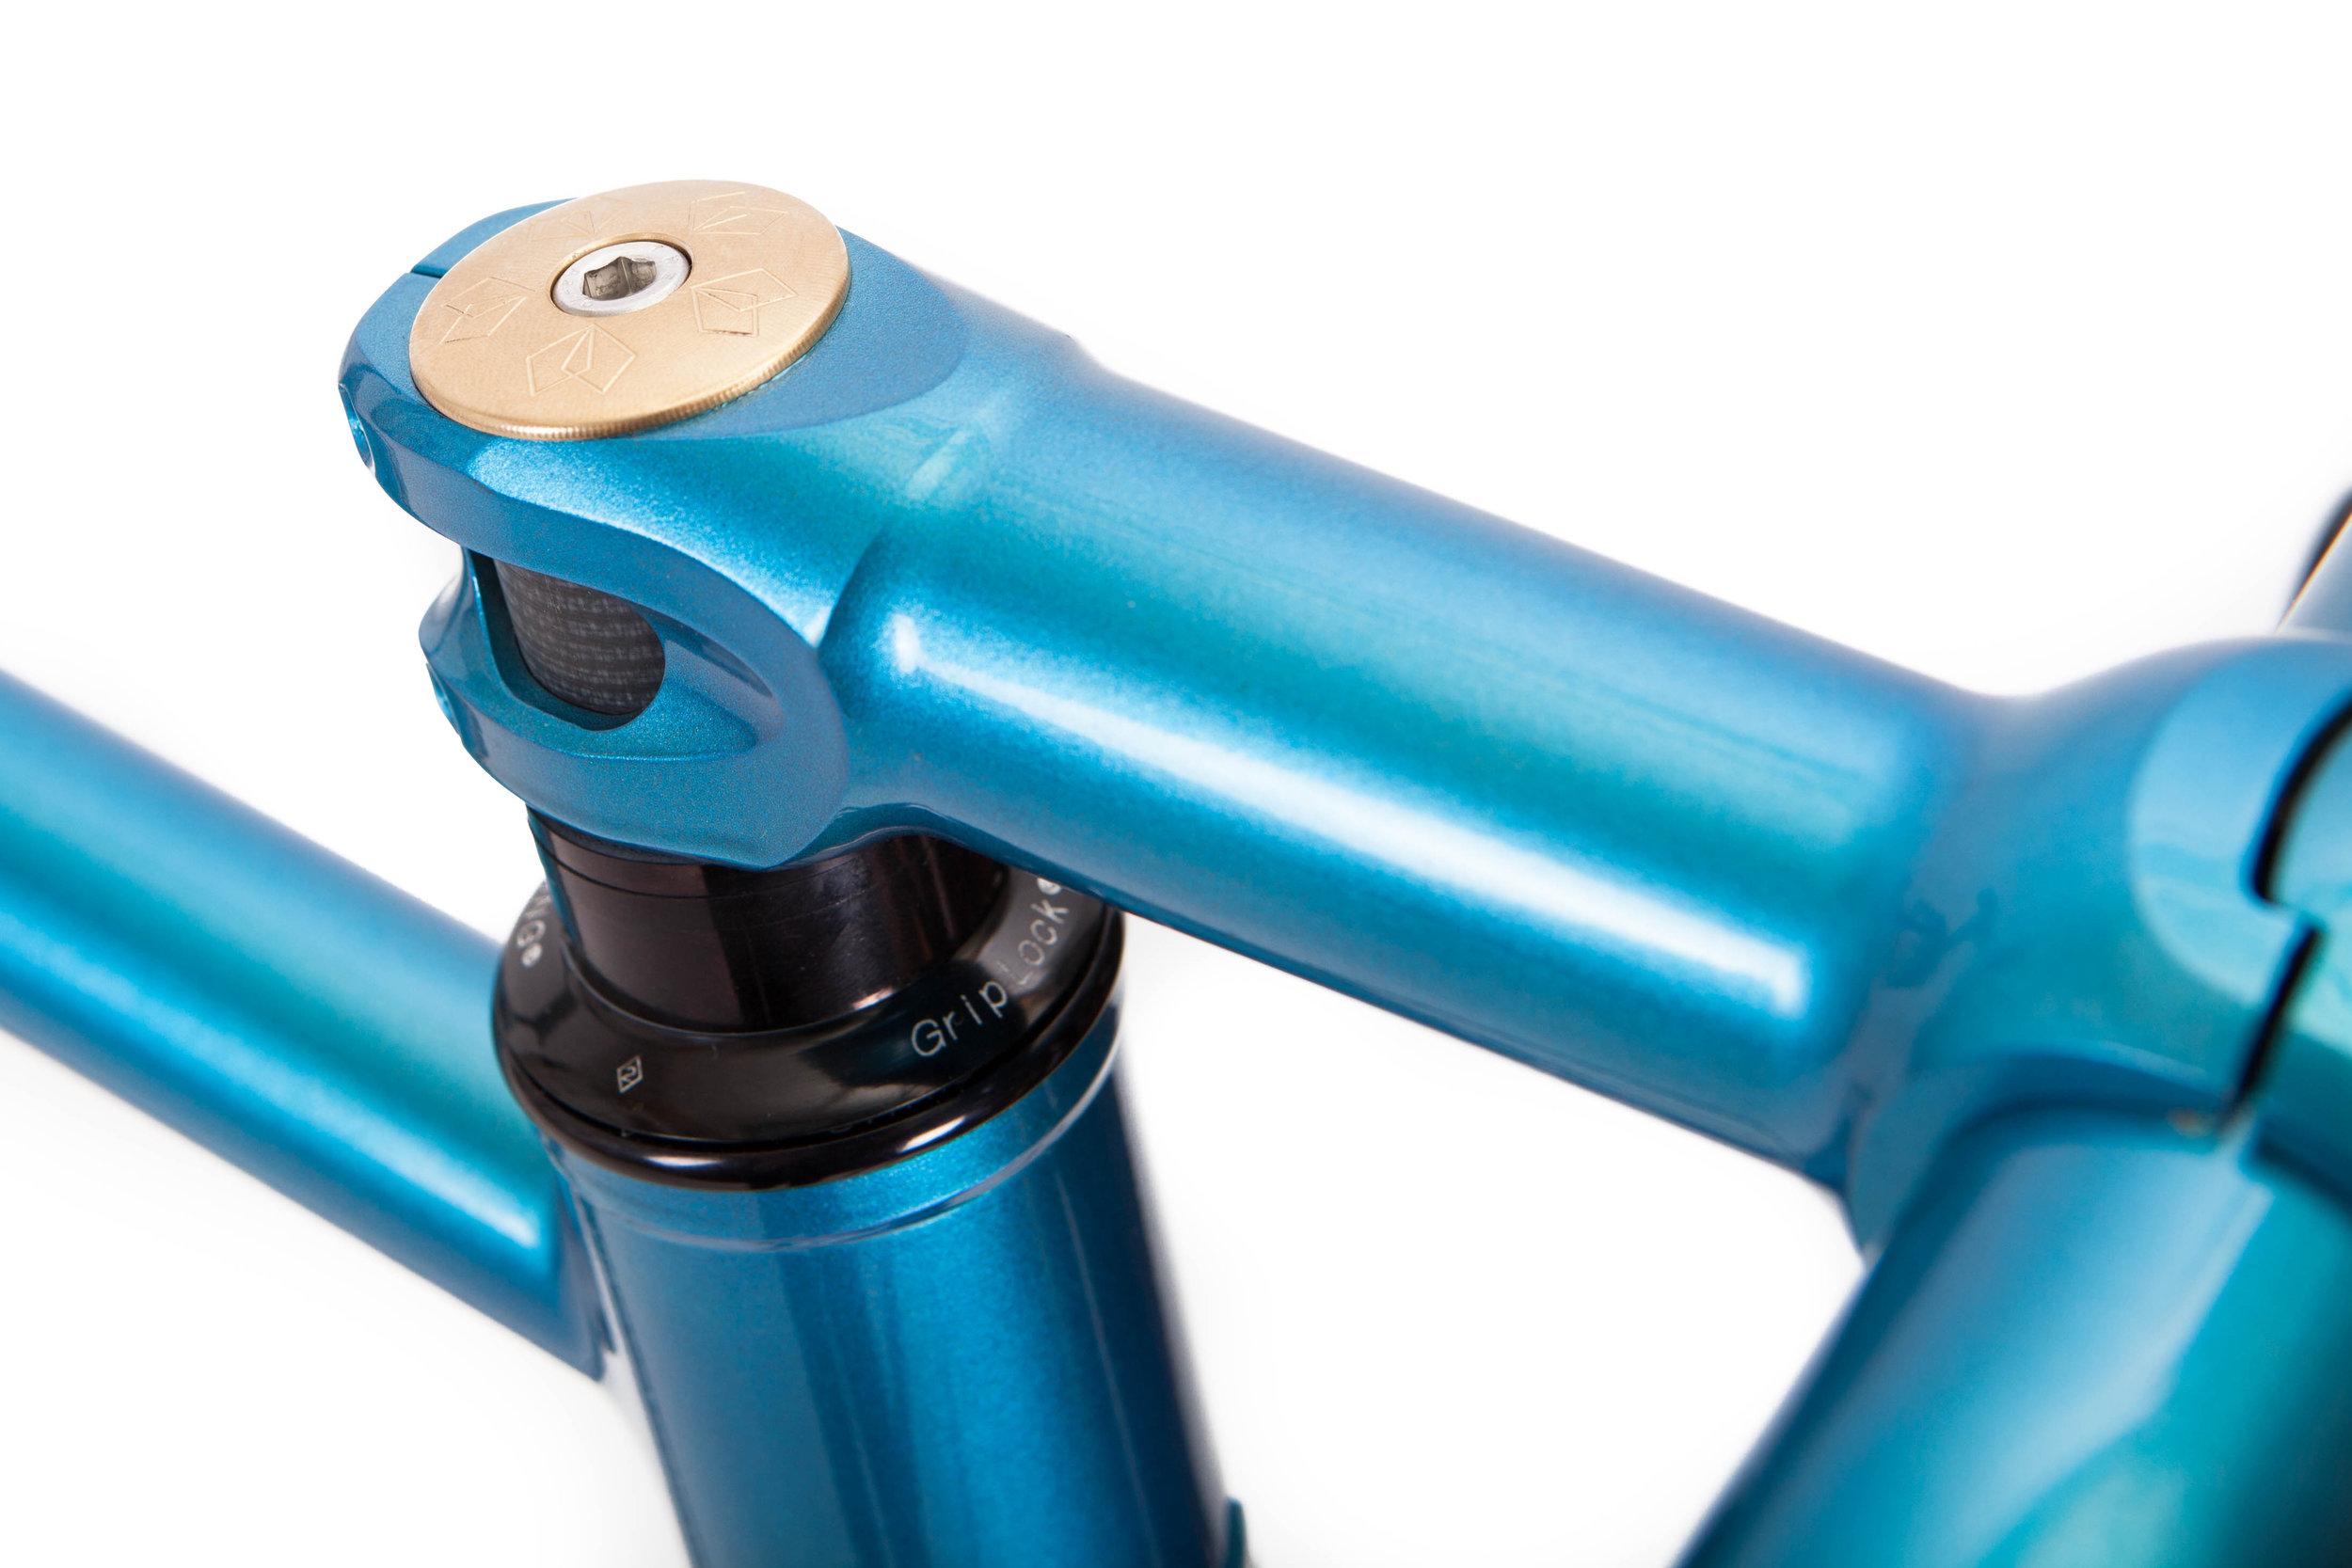 Jeremy Corbett Stainless Light Tourer stem:paint detail.jpg